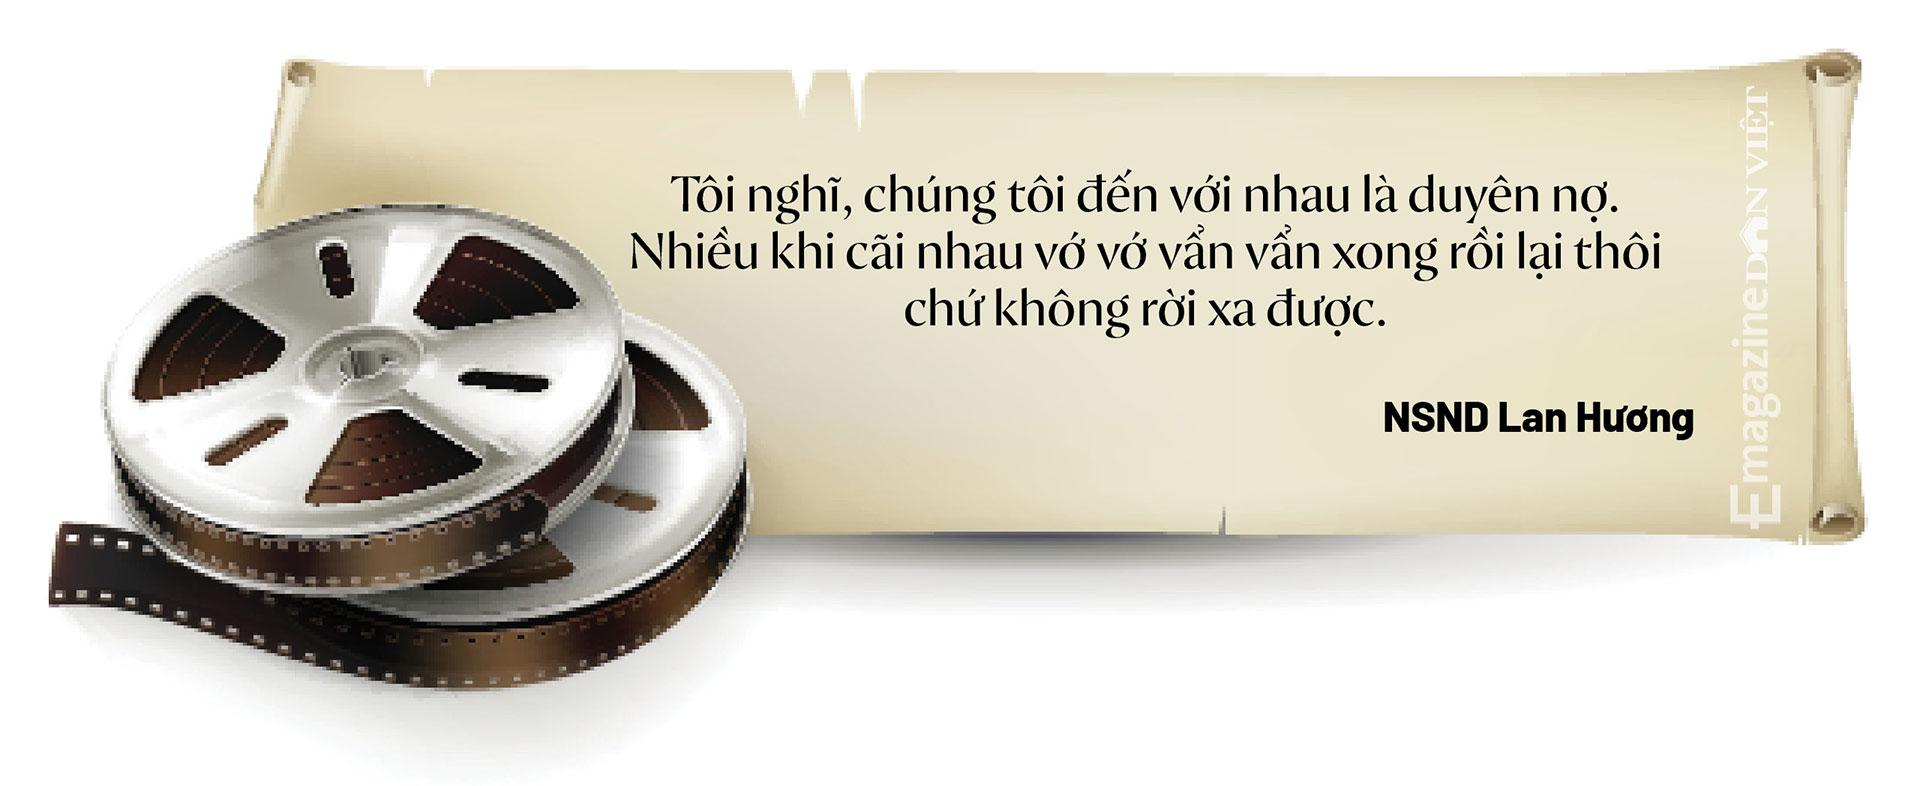 NSND Lan Hương: Tôi chưa bao giờ nghĩ, mình có thể rời xa được Hà Nội  - Ảnh 16.